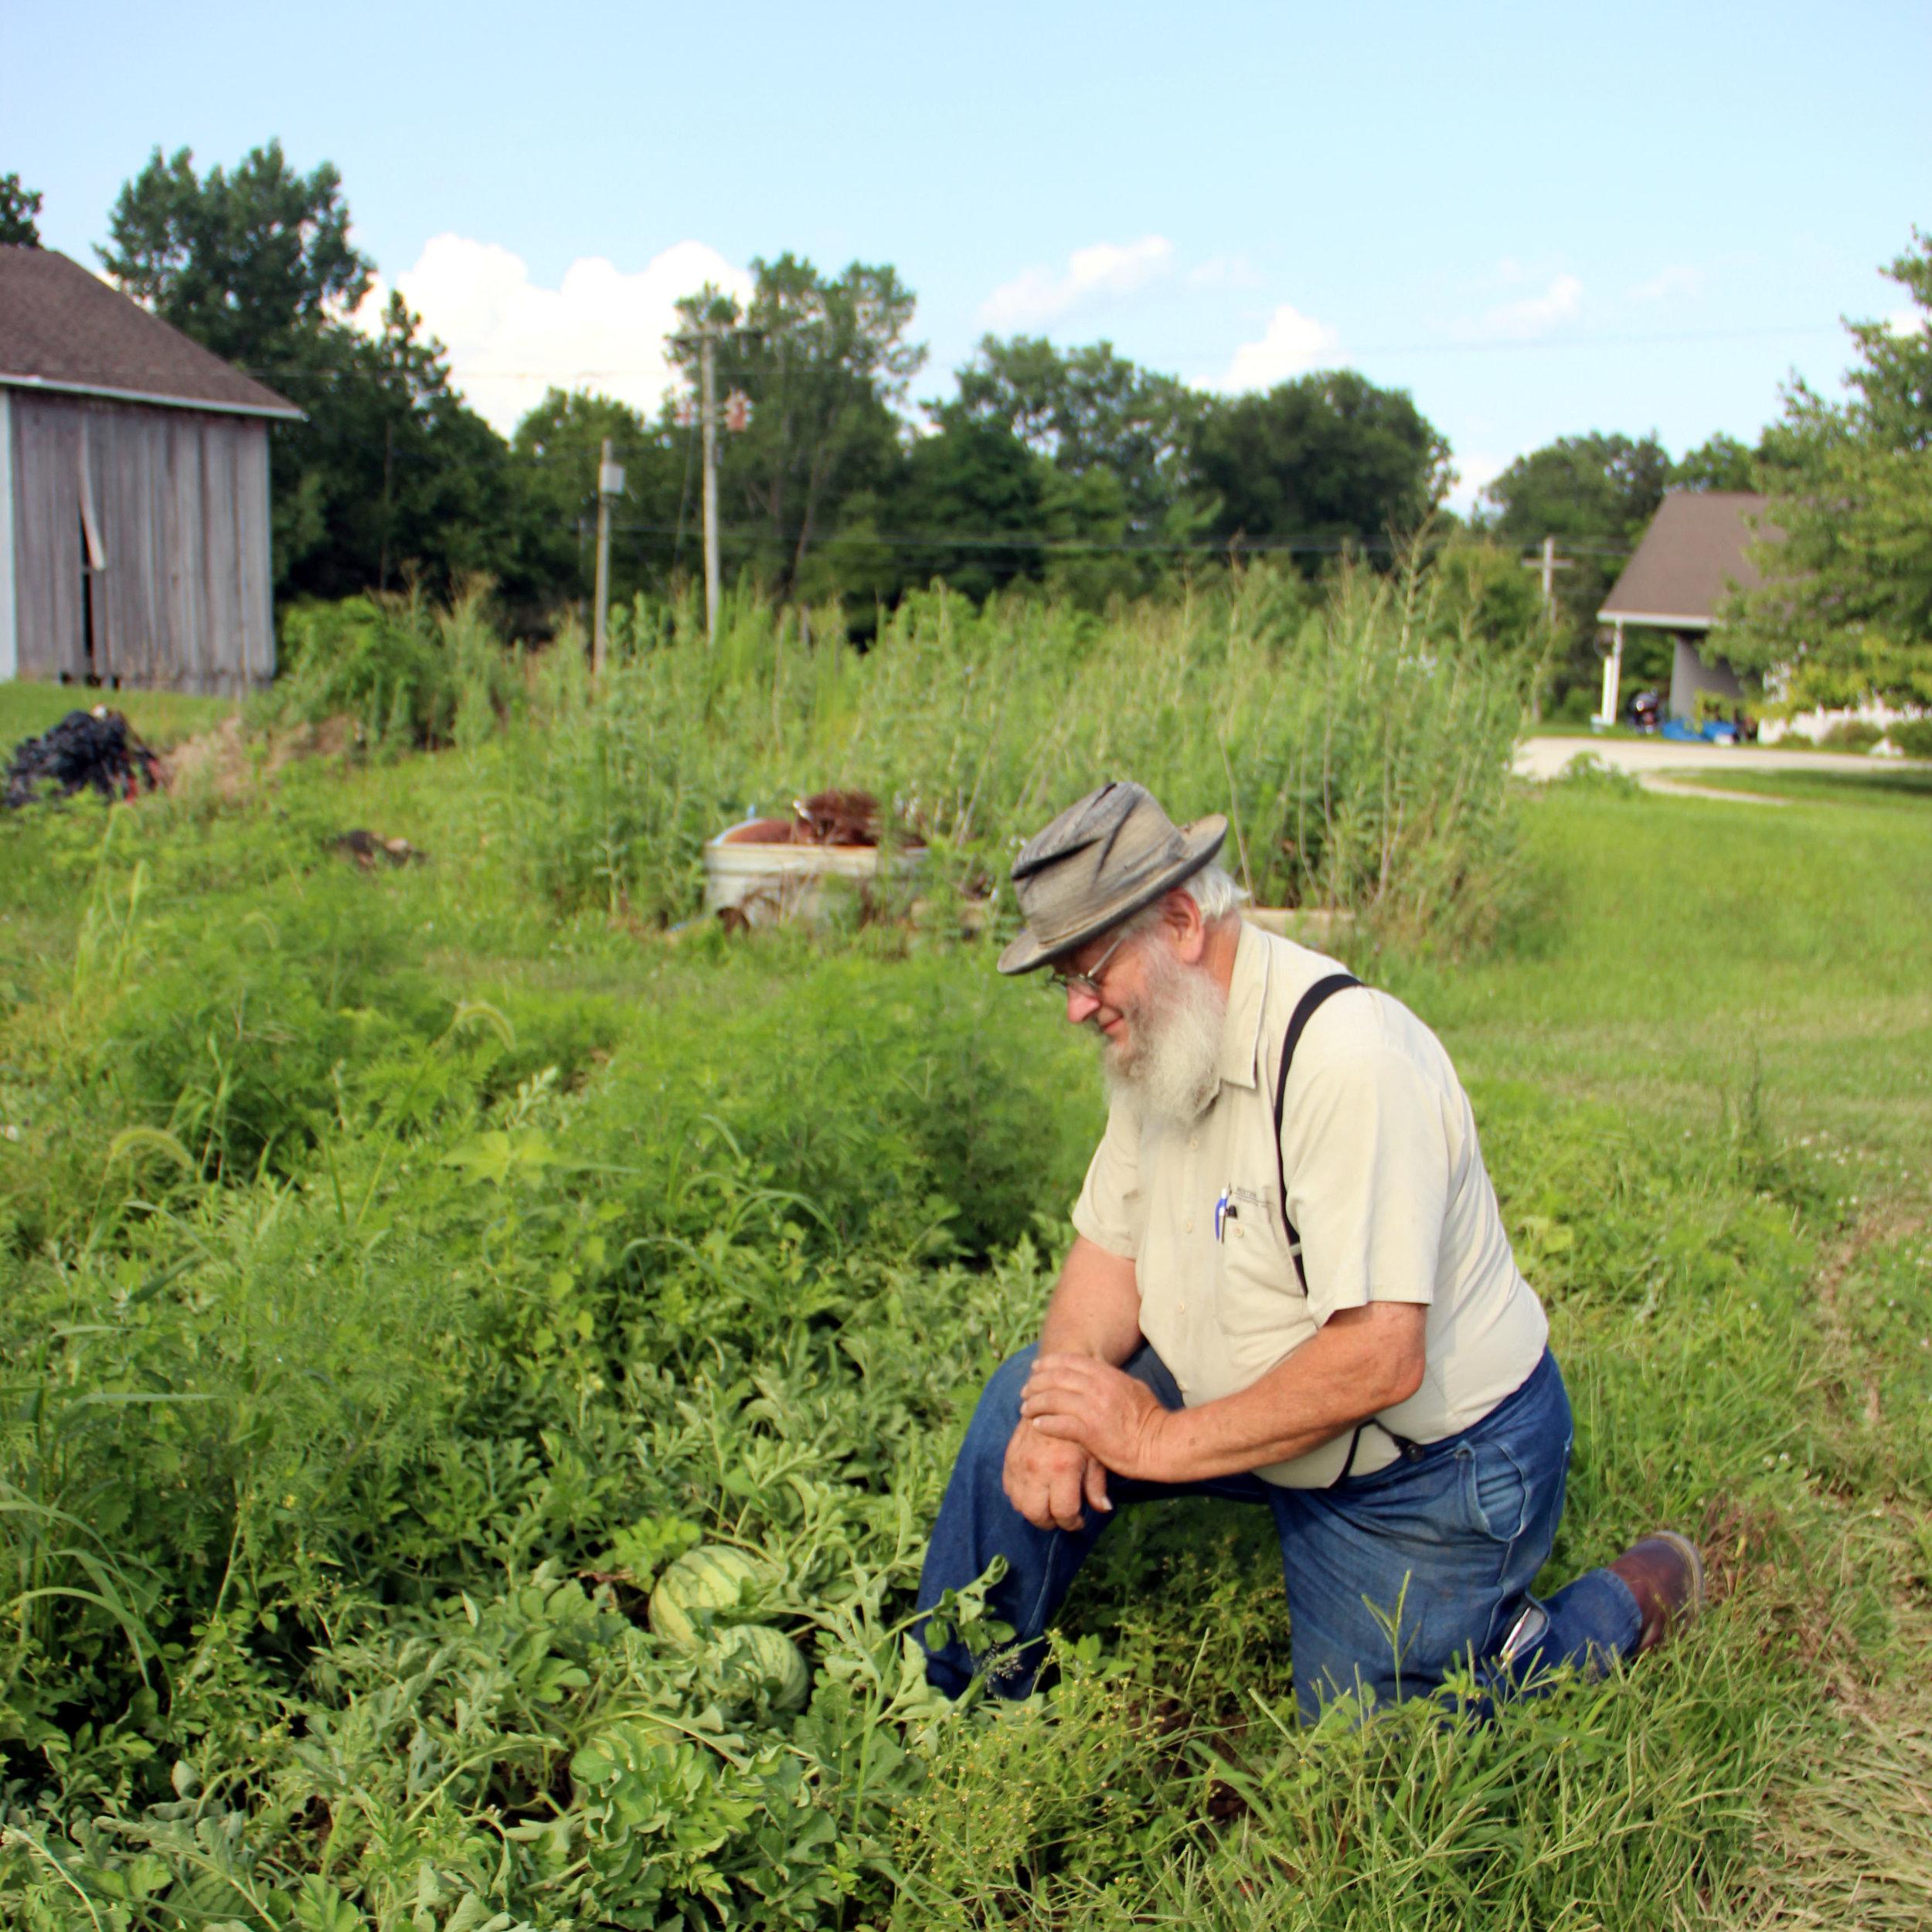 A man and his garden